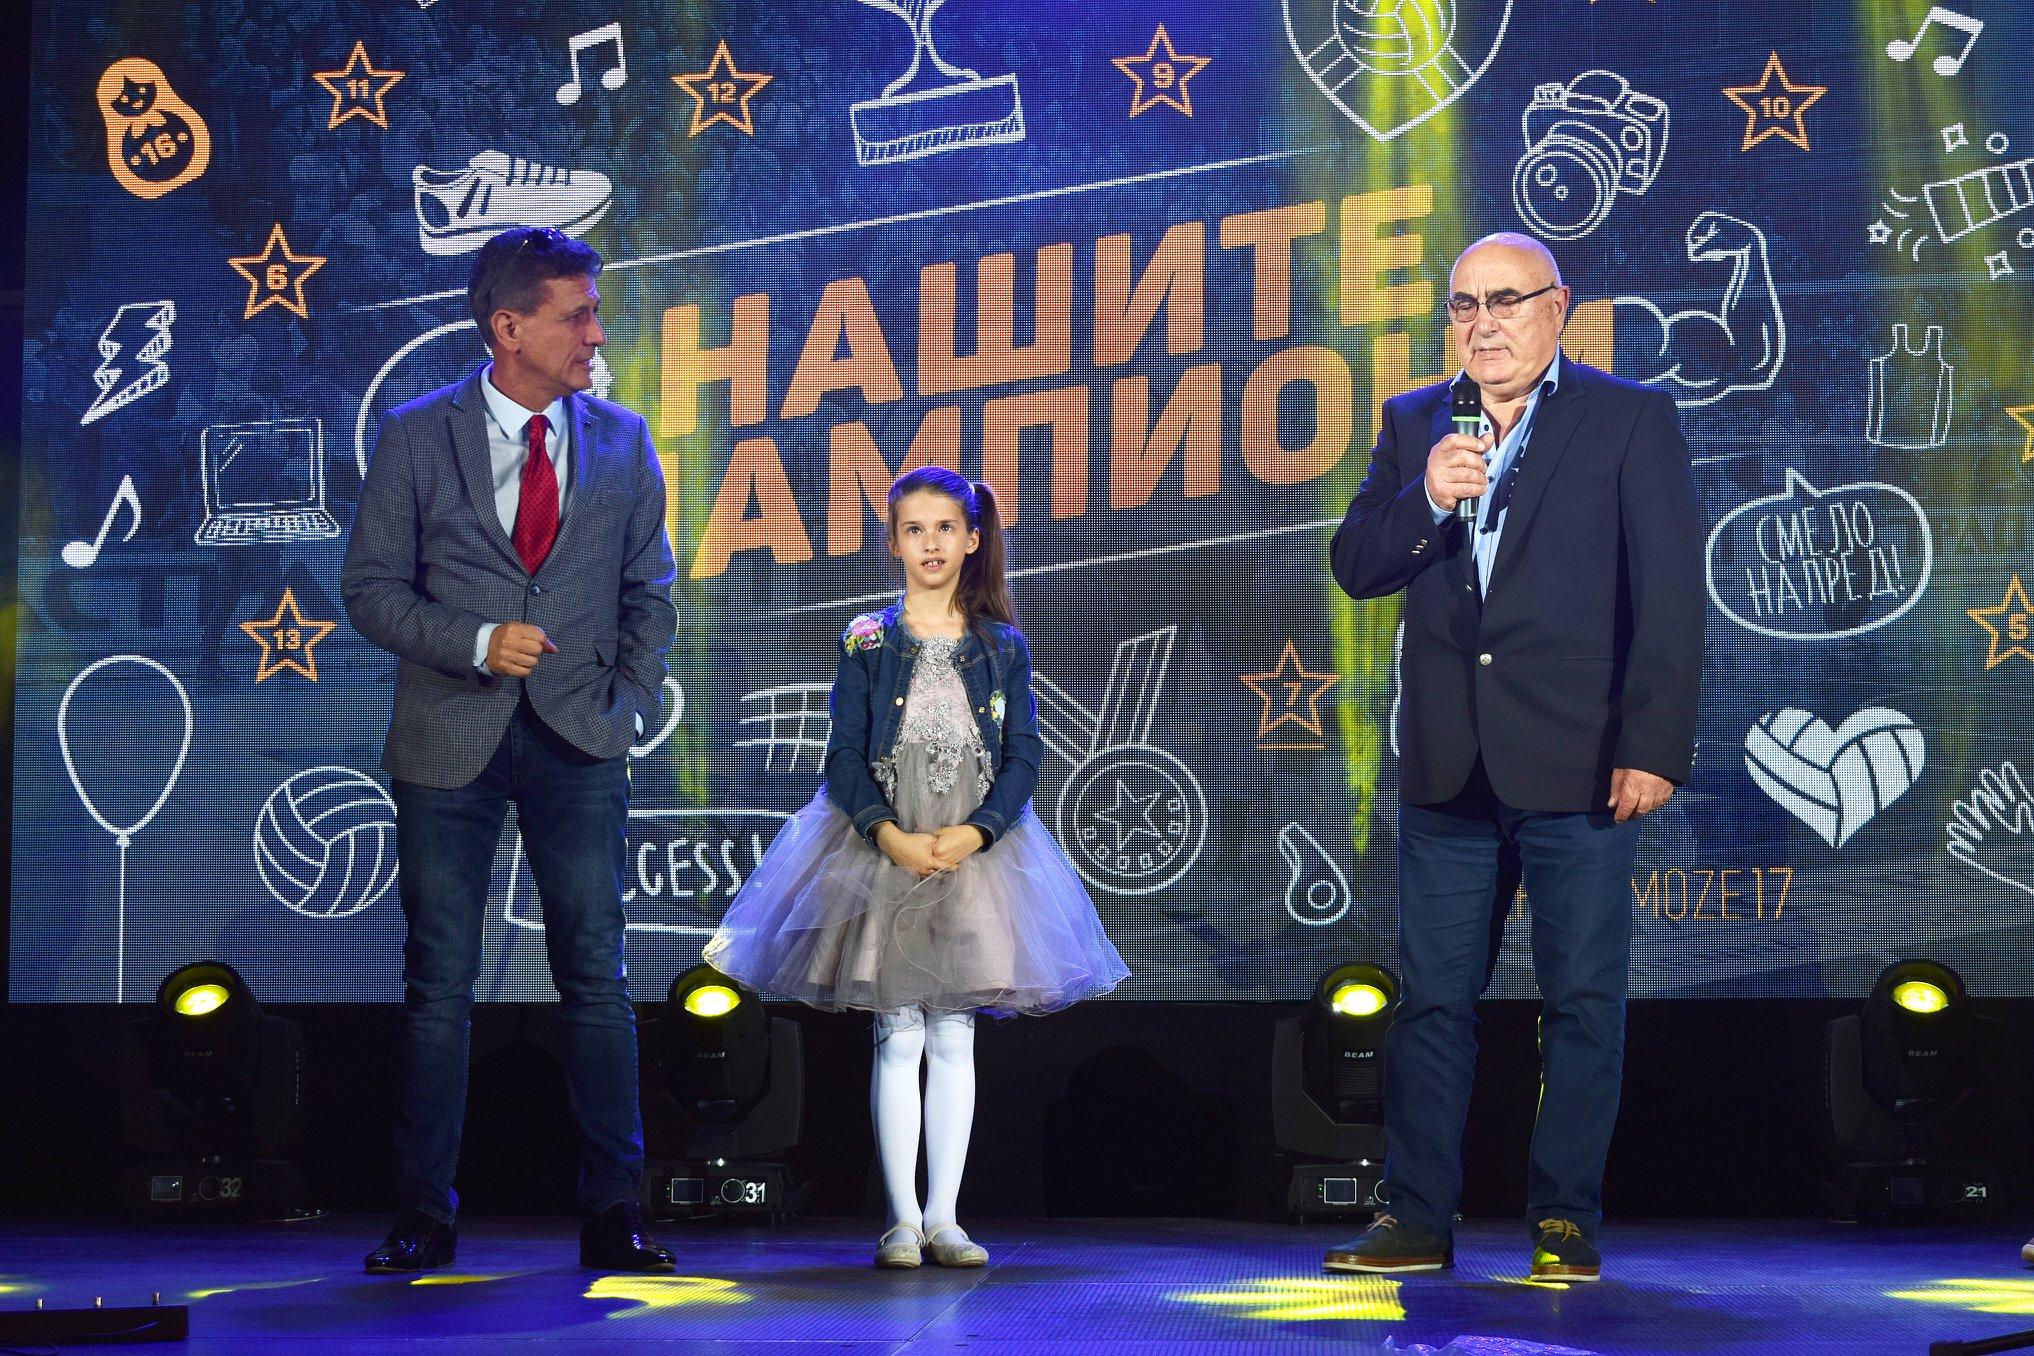 Петър Ганчев оглавяваше ВК Хебър в продължение на 26 години.